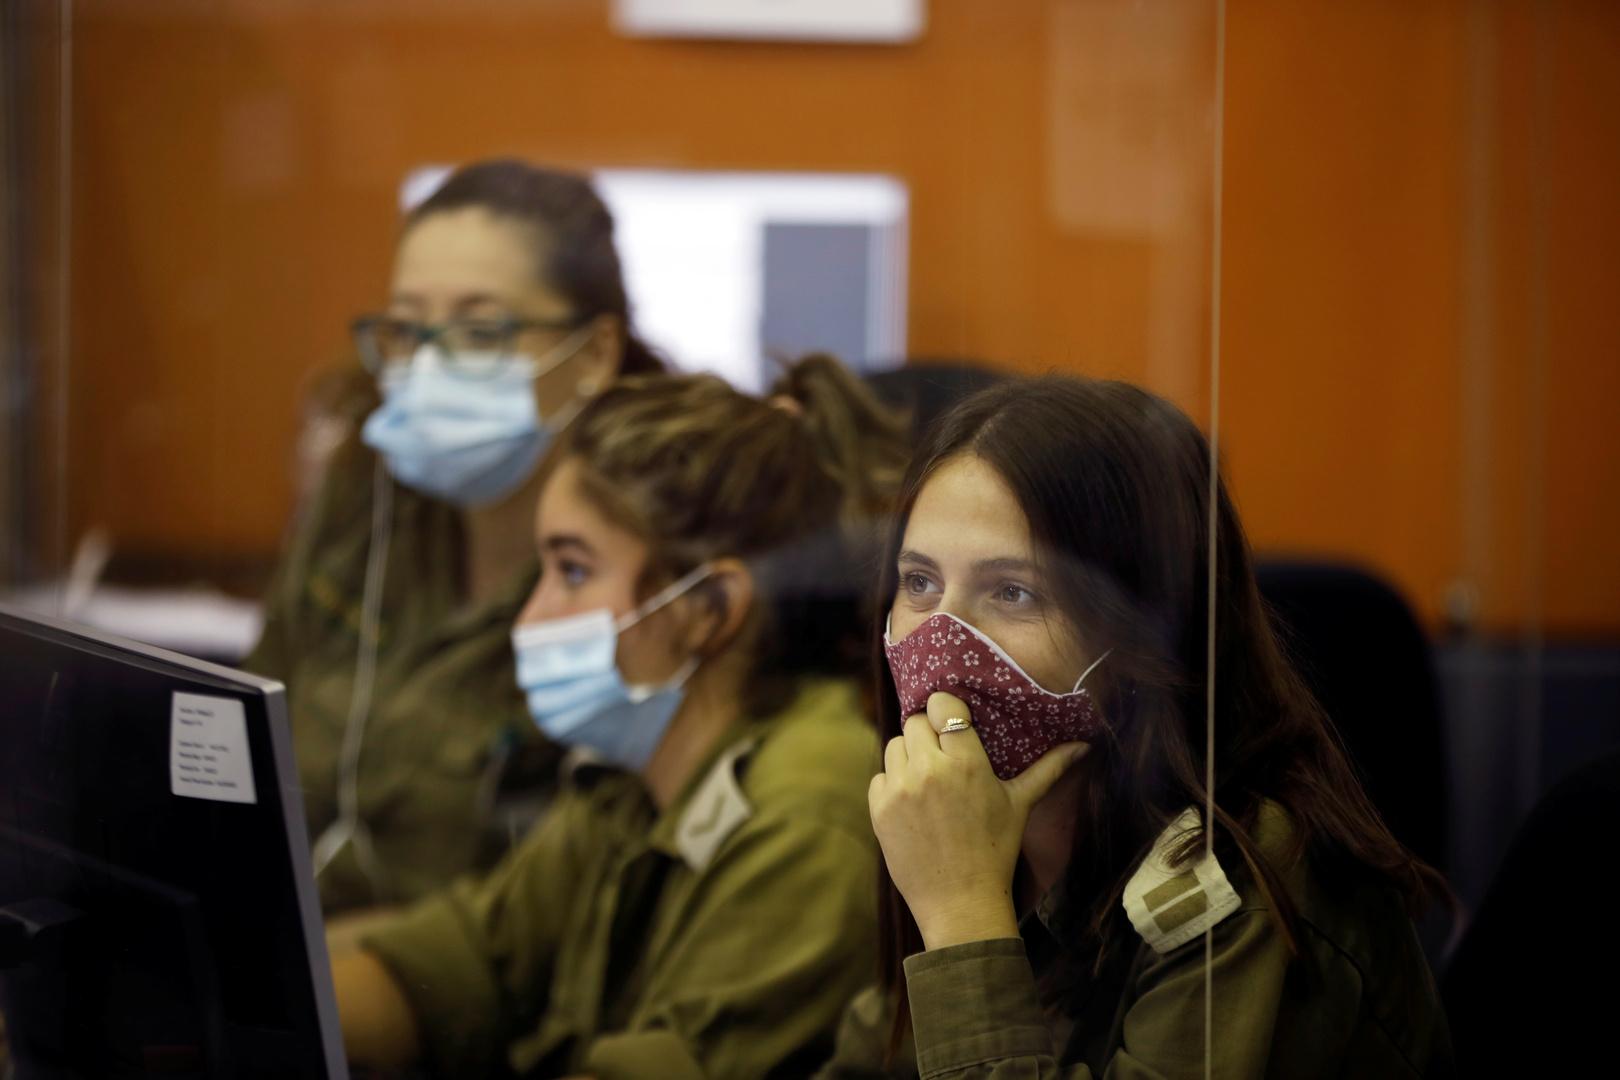 879 إصابة بكوفيد 19 داخل الجيش الإسرائيلي و4536 في الحجر الصحي